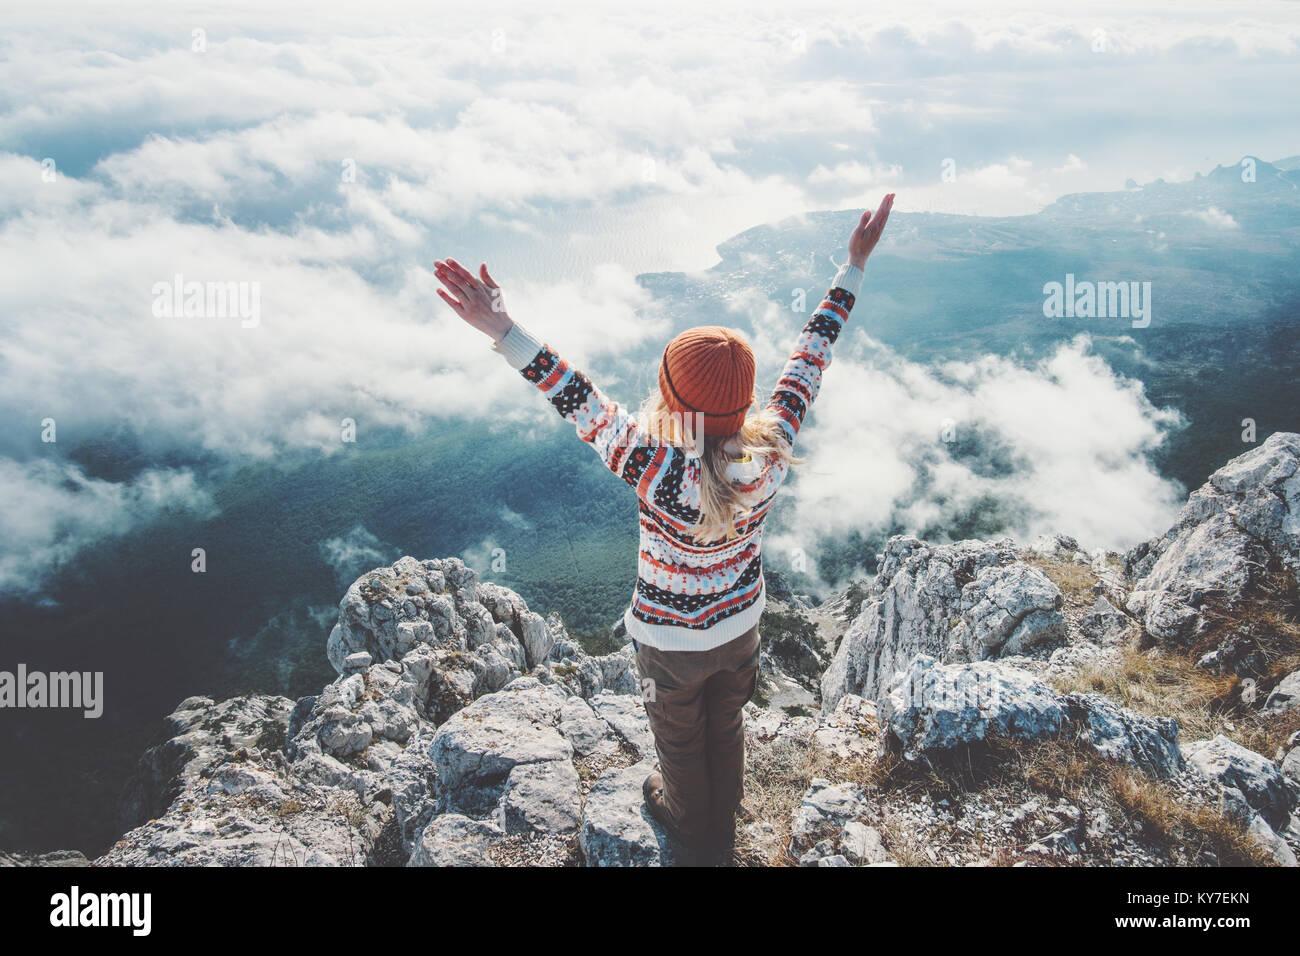 Happy woman traveler sur sommet de montagne les mains levées au-dessus des nuages de Vie Voyage aventure concept Banque D'Images